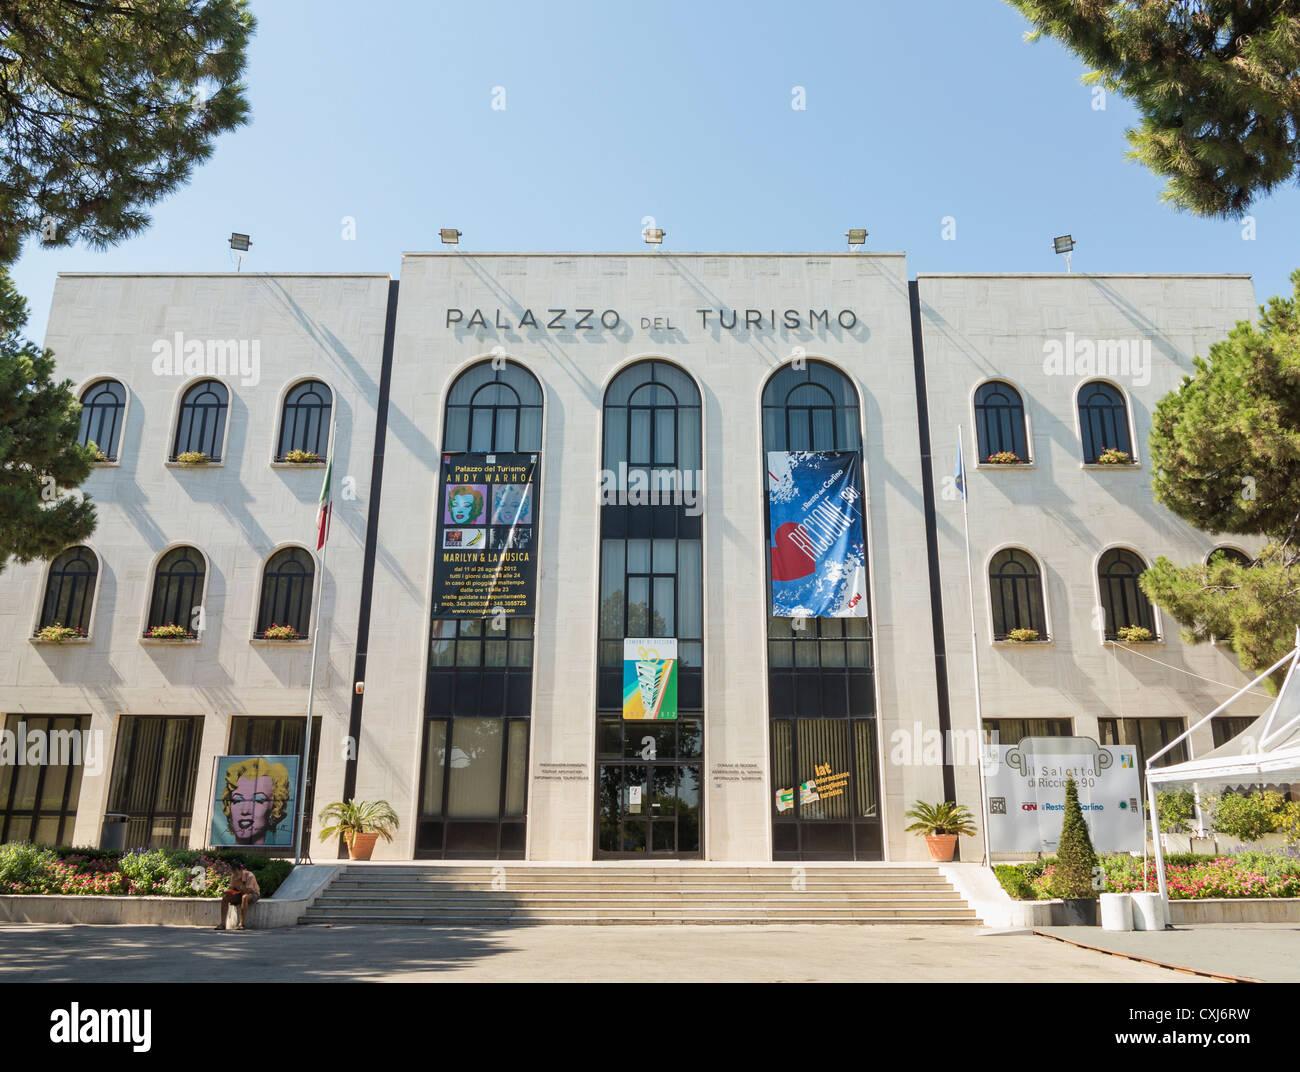 Palazzo del turismo,Riccione, Italy - Stock Image